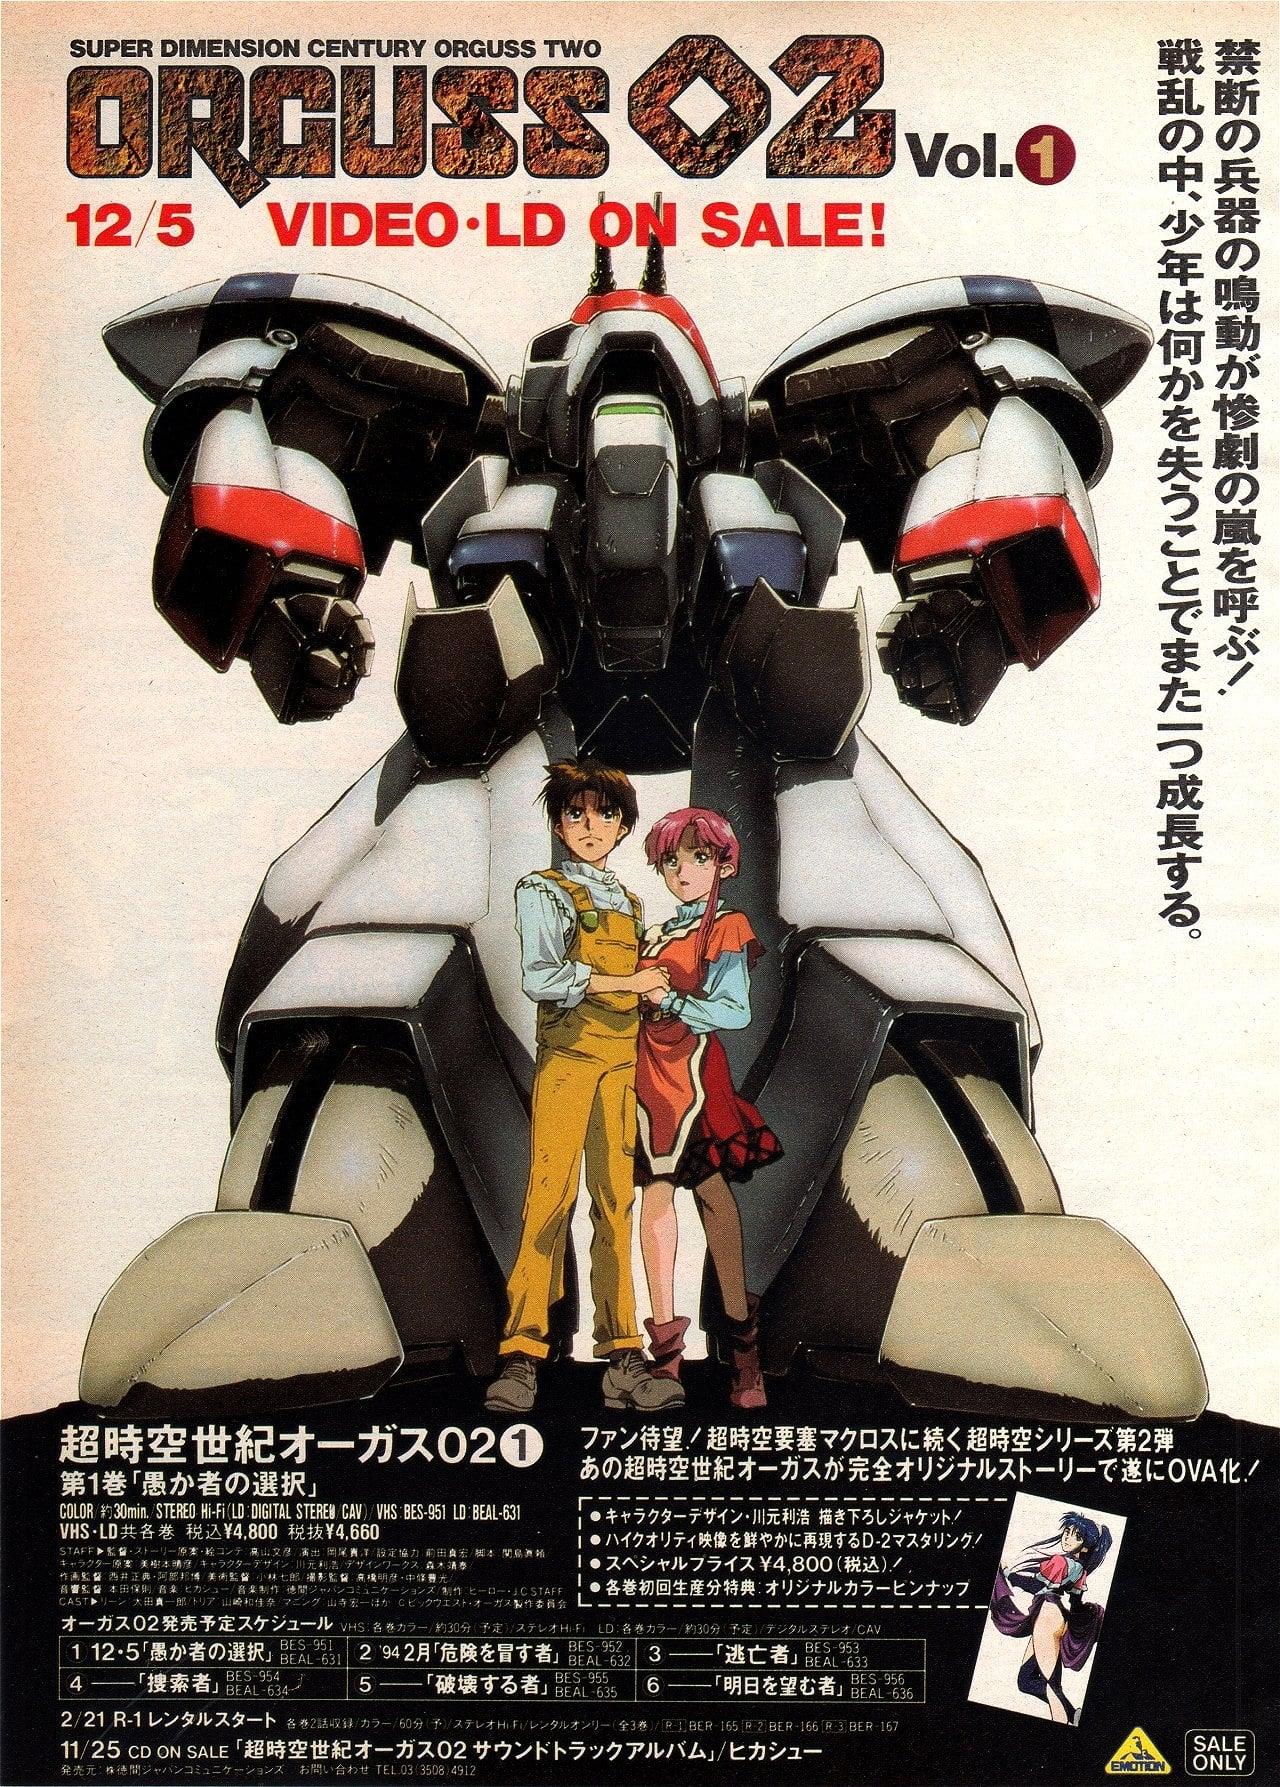 Super Dimension Century Orguss 02